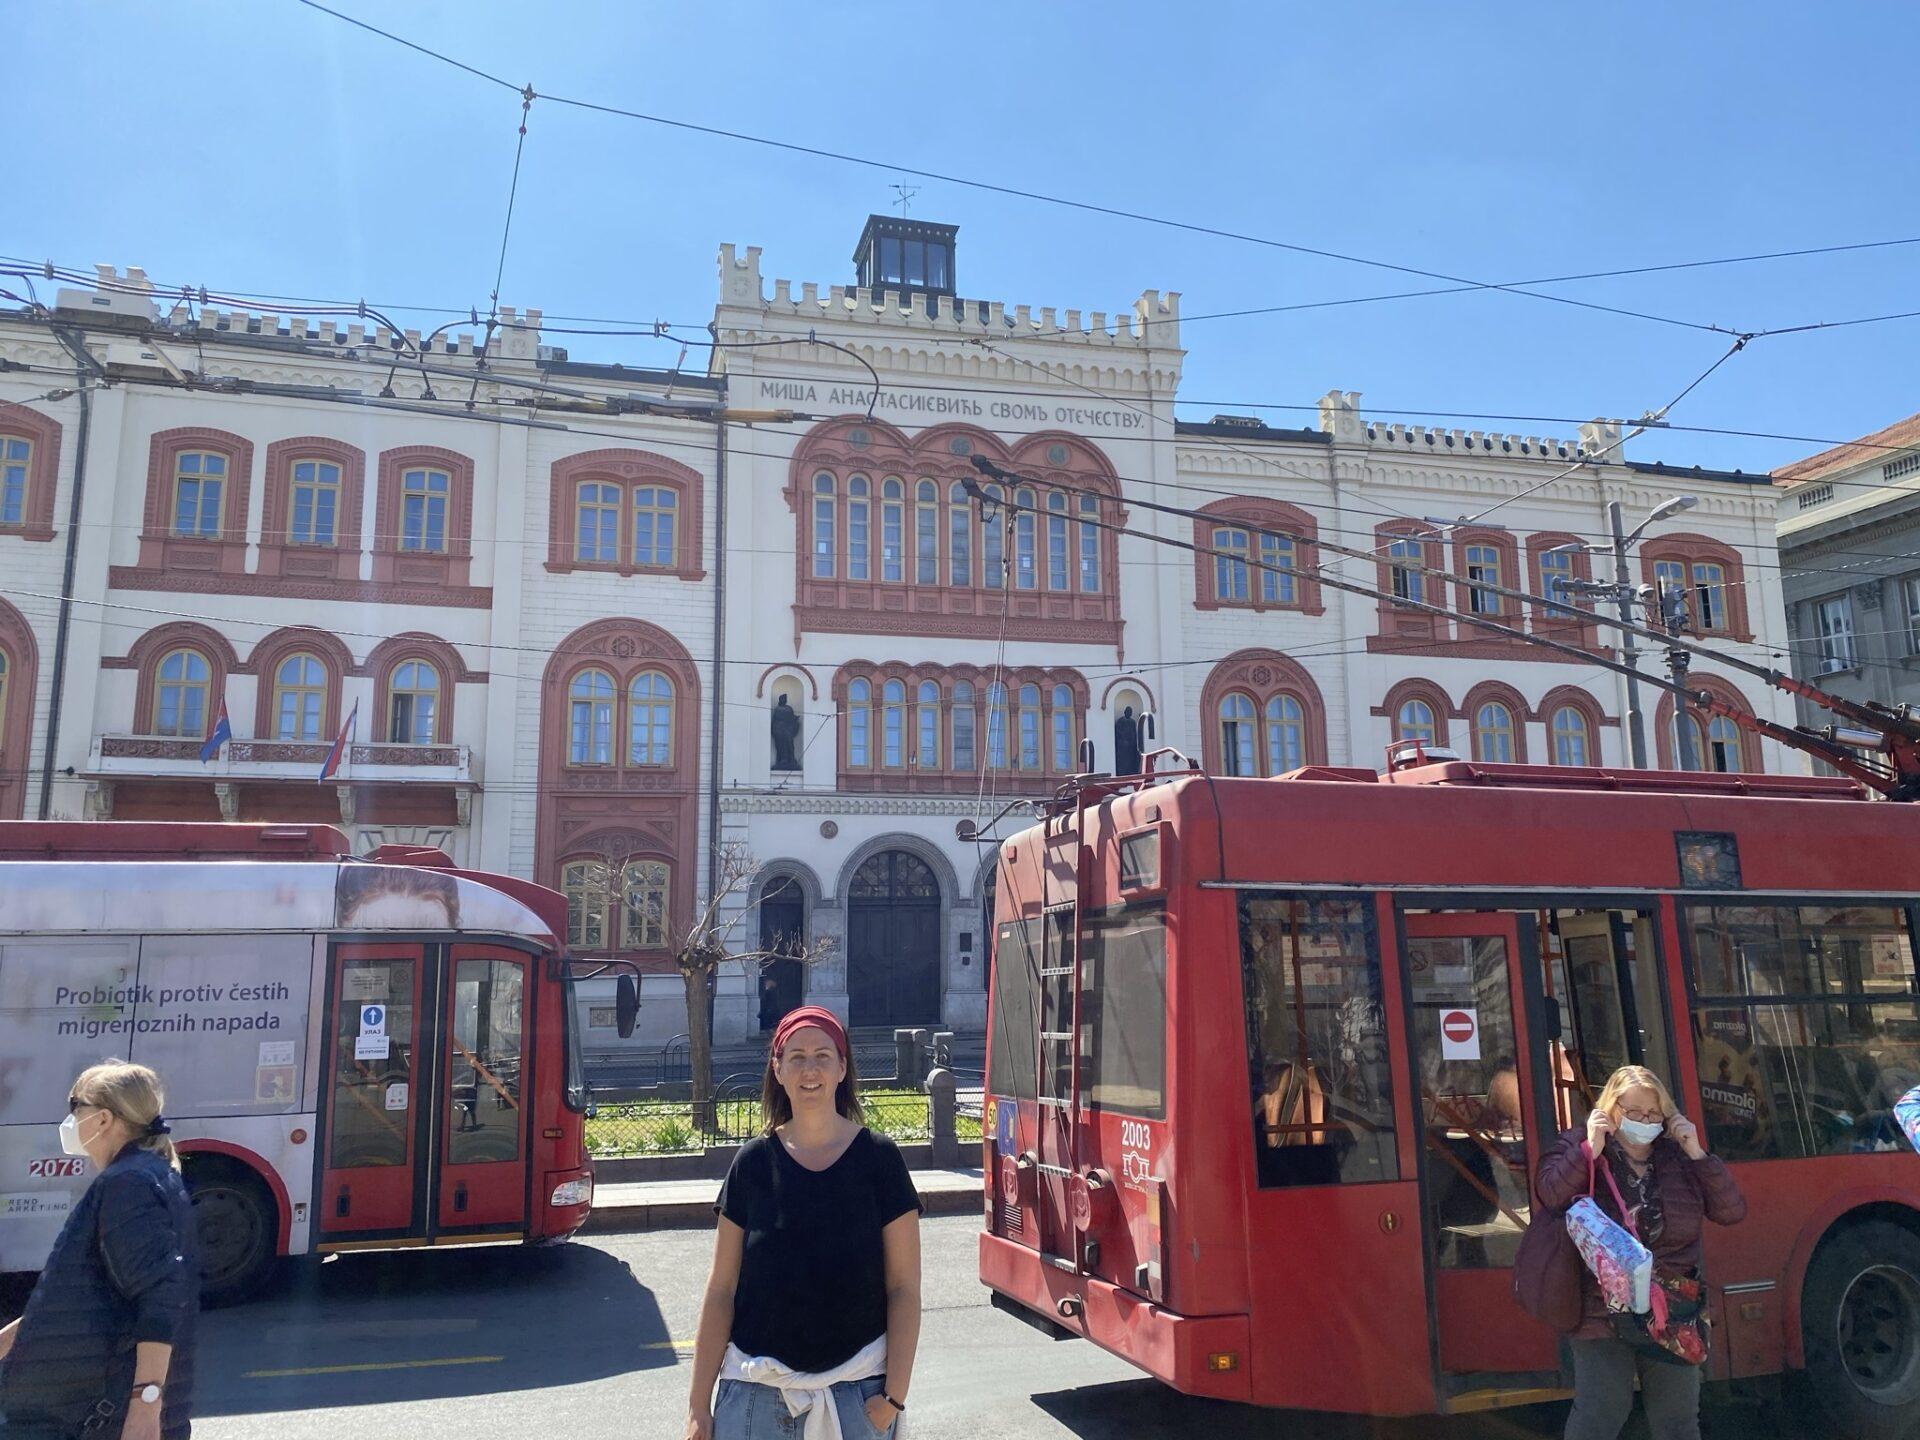 faculteit van Belgrado